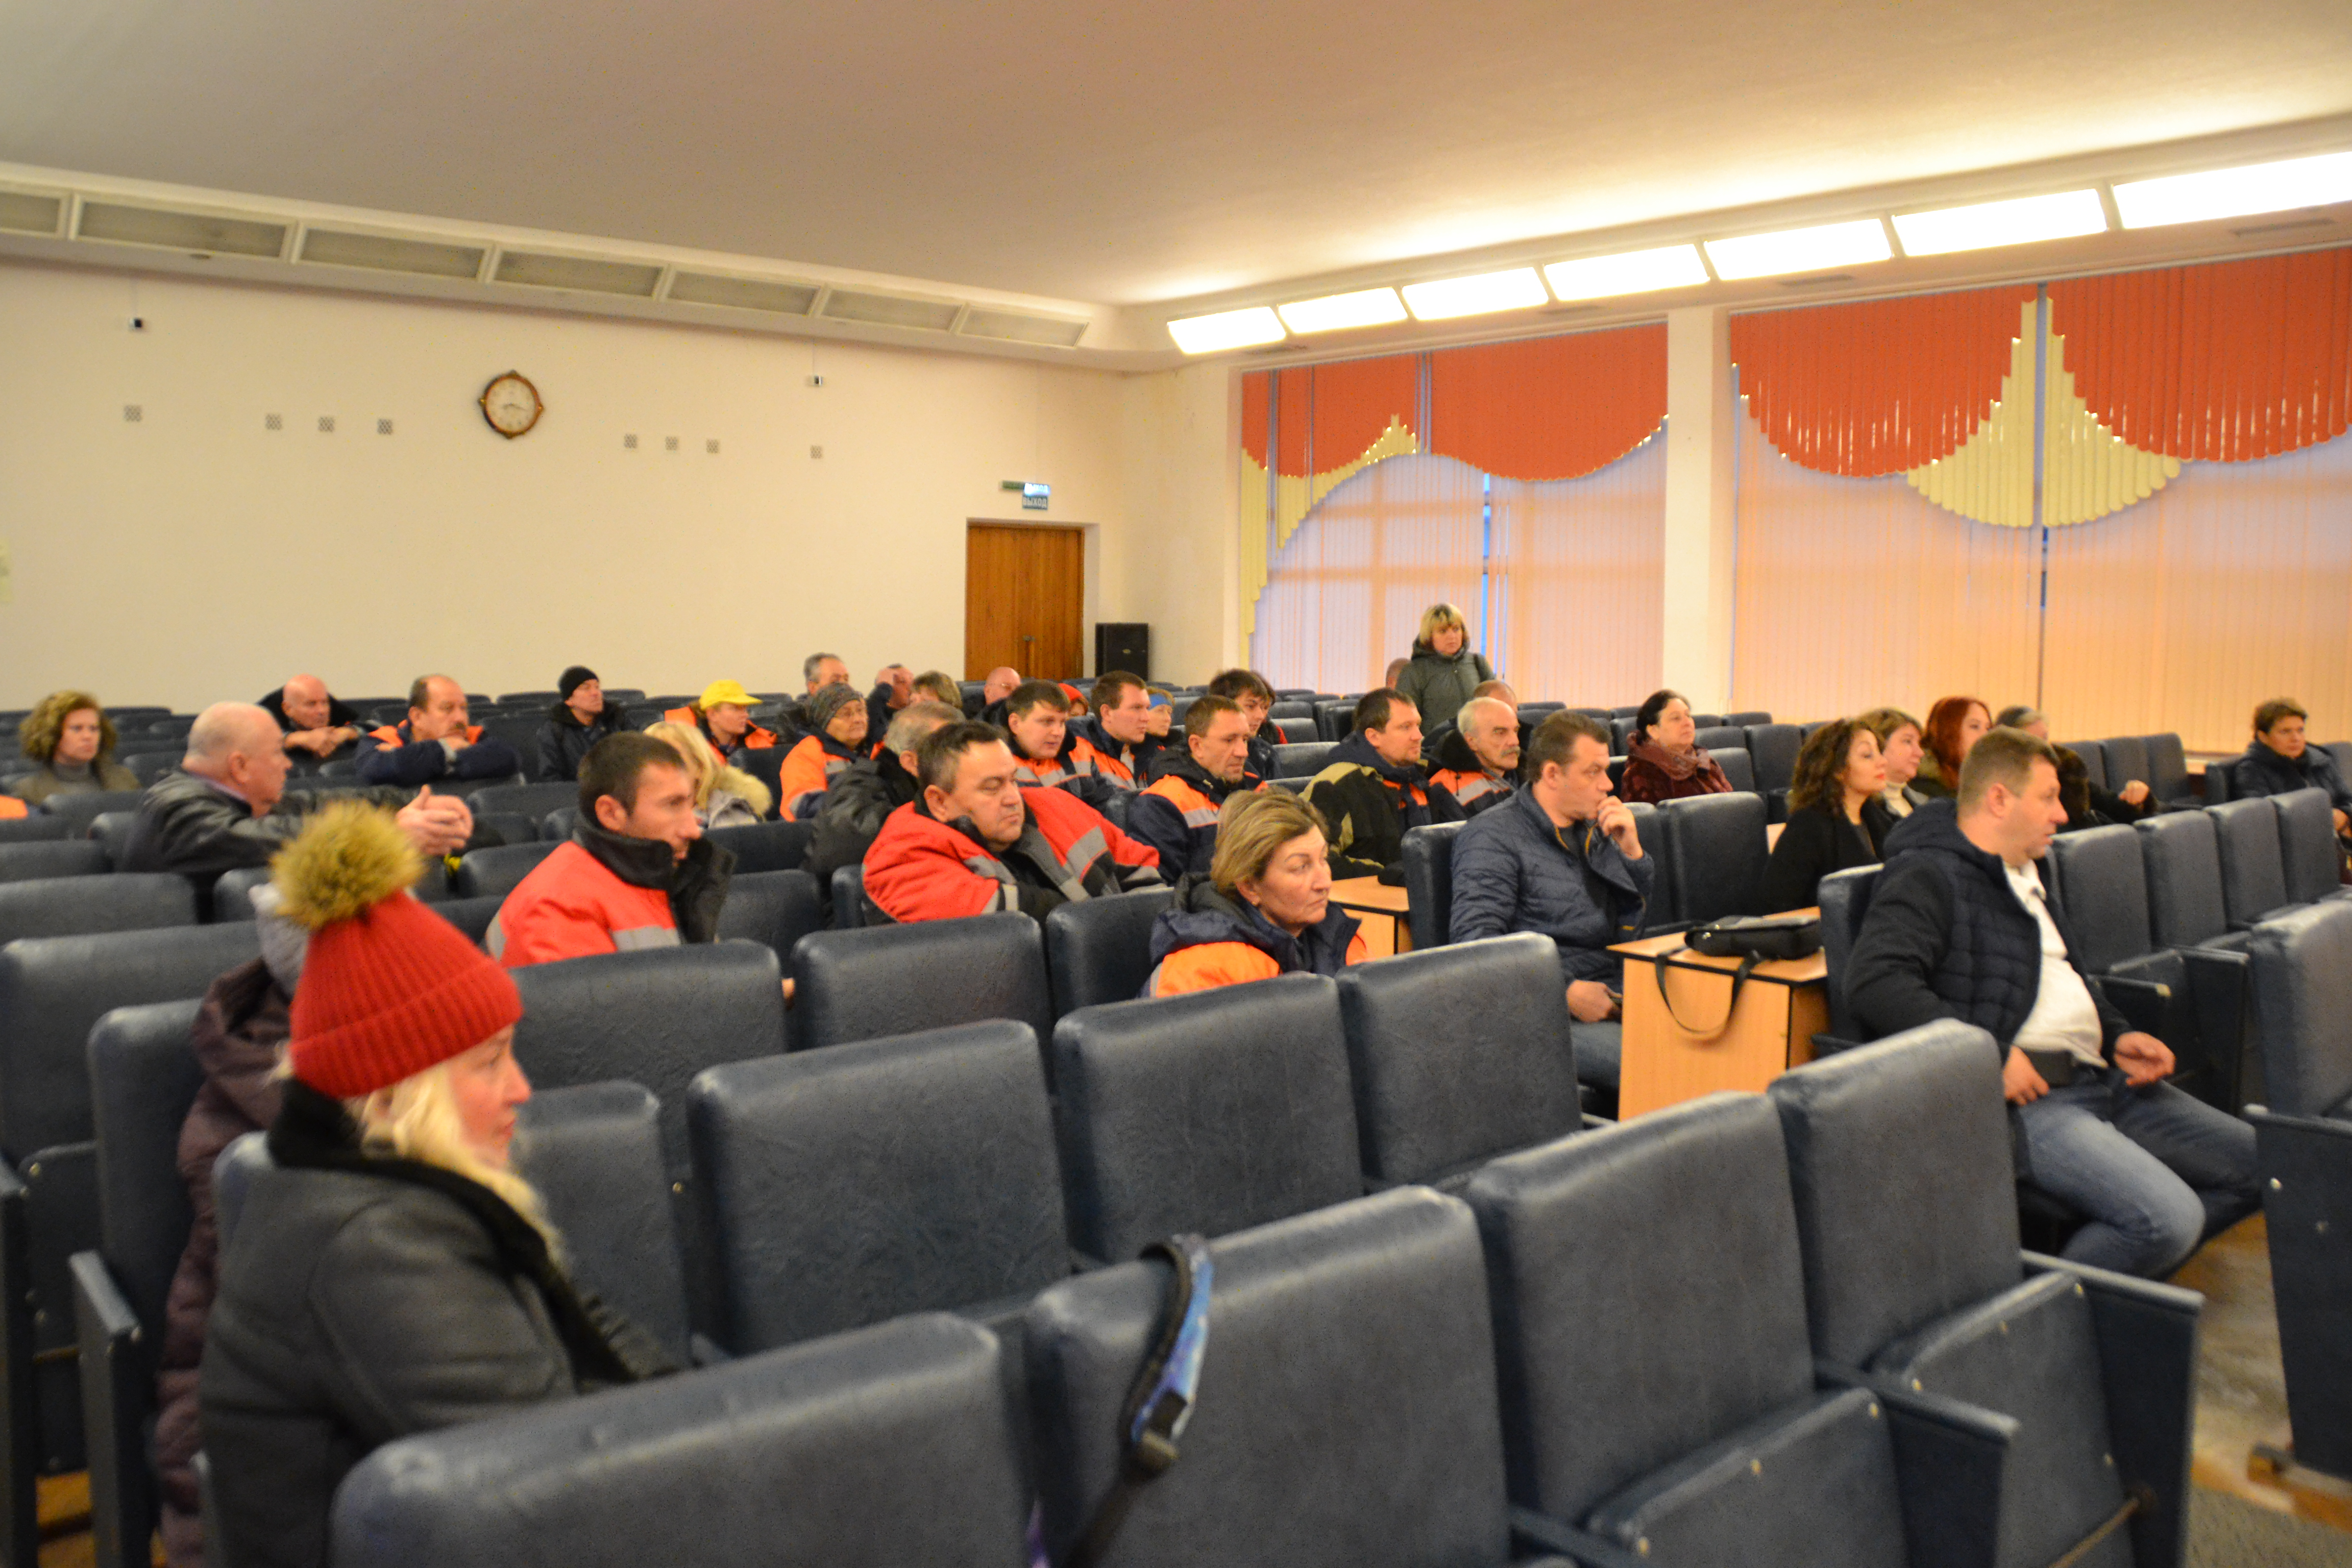 В преддверии голосования по благоустройству в Туапсе проходят общественные обсуждения